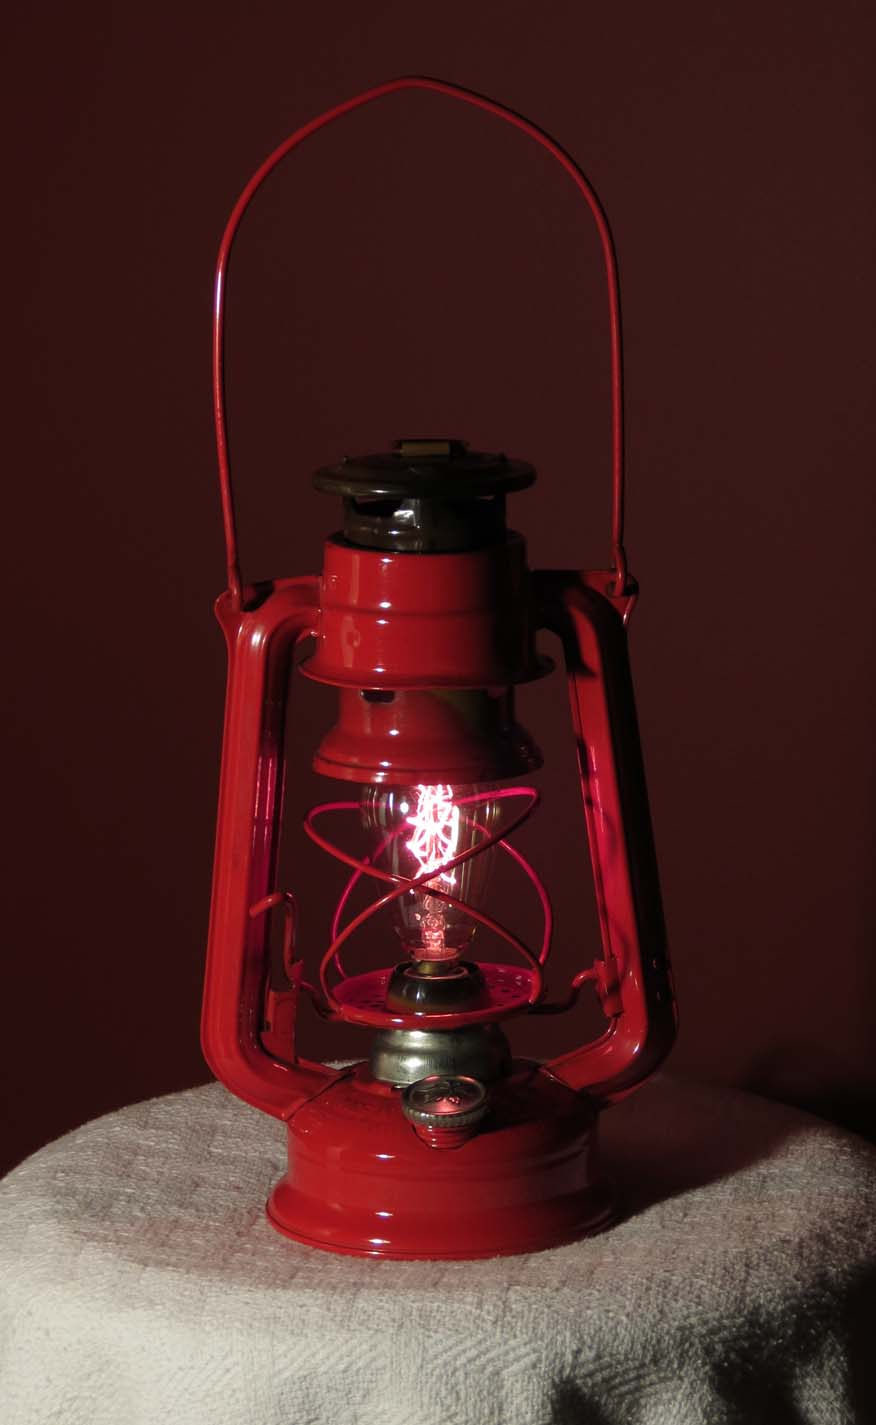 Vintage Barn Lantern | Rekindled Lighting